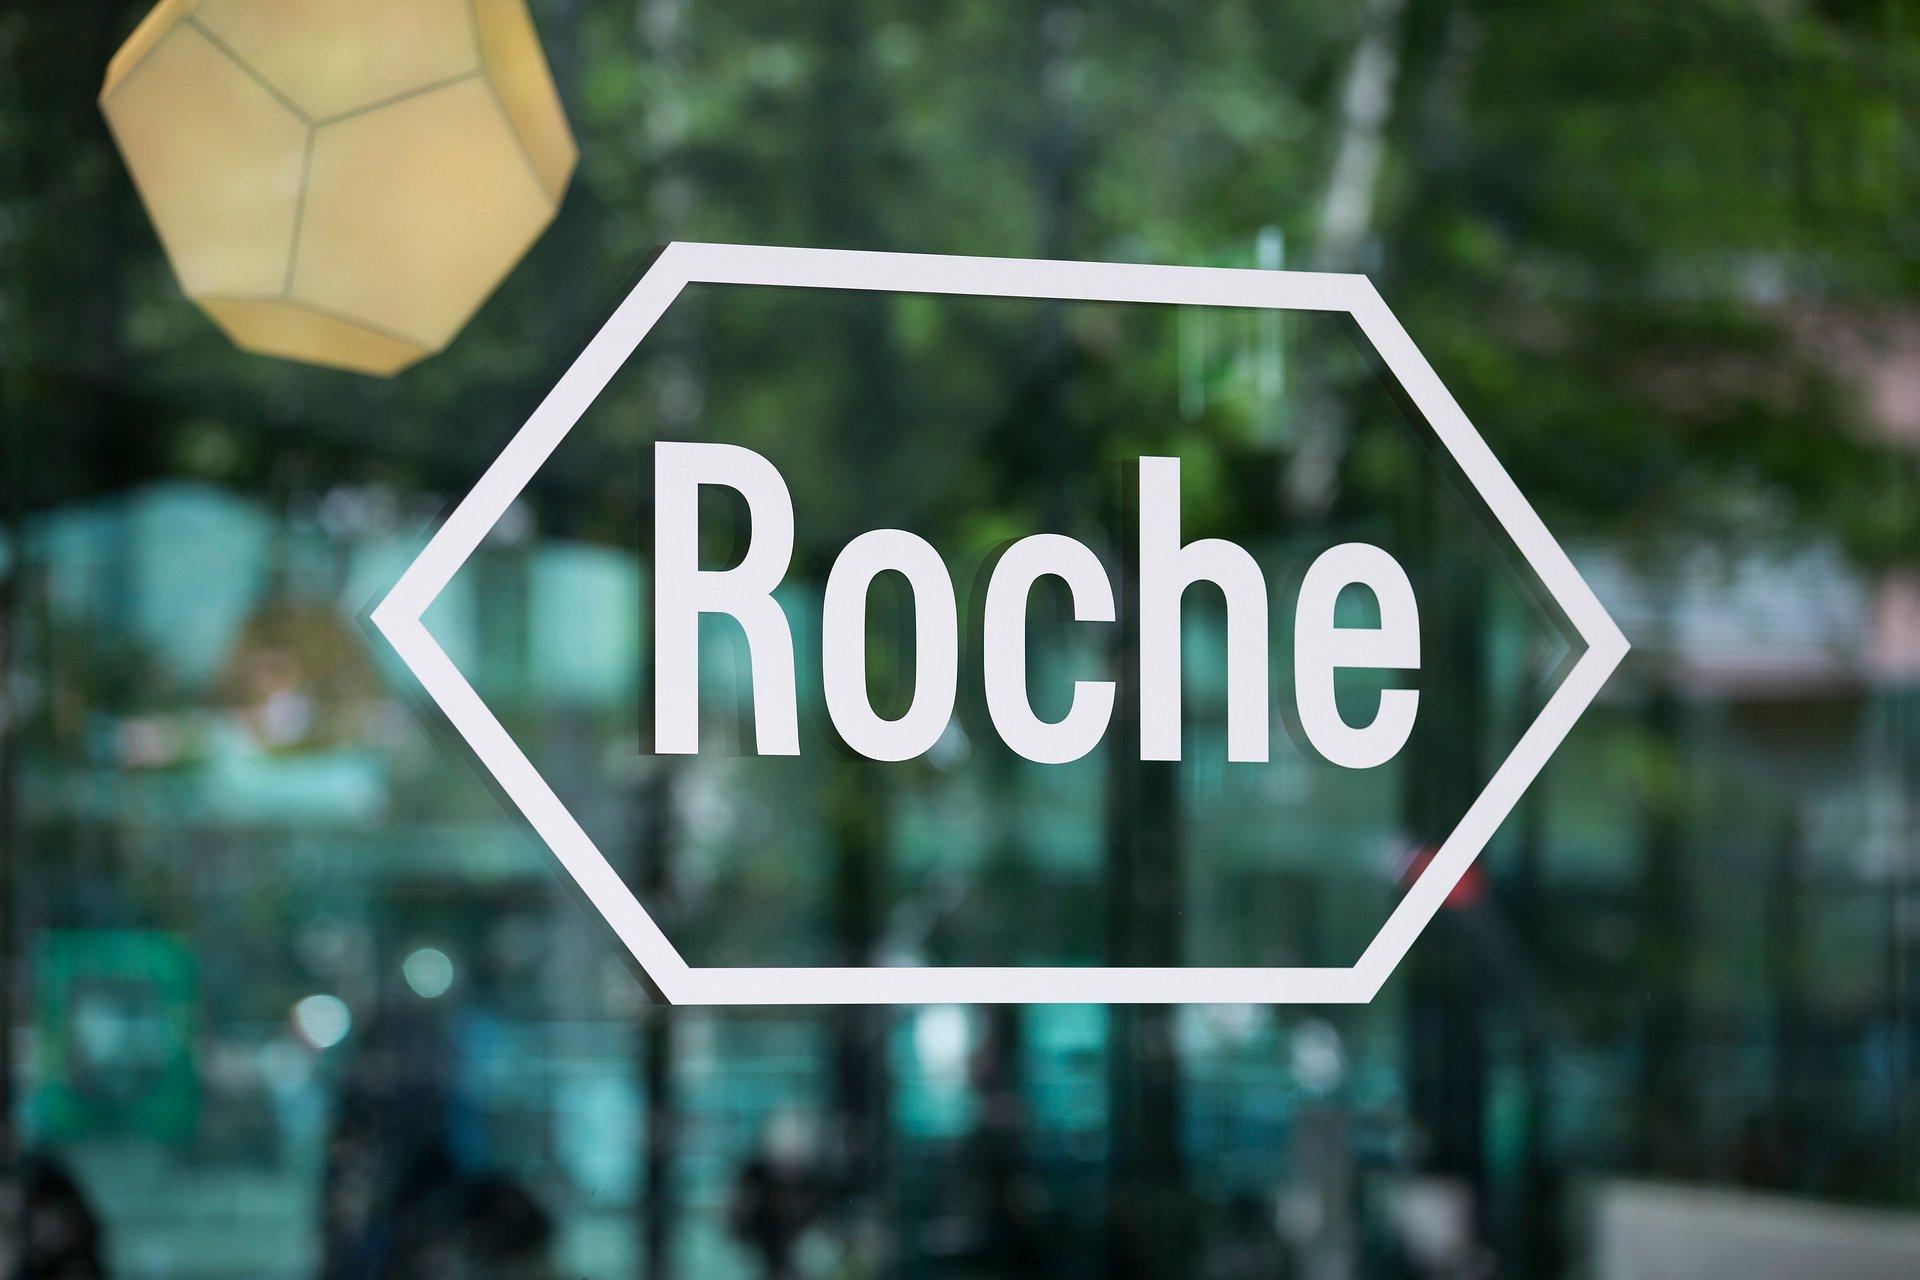 Dobre wyniki finansowe Roche w pierwszej połowie 2018 roku